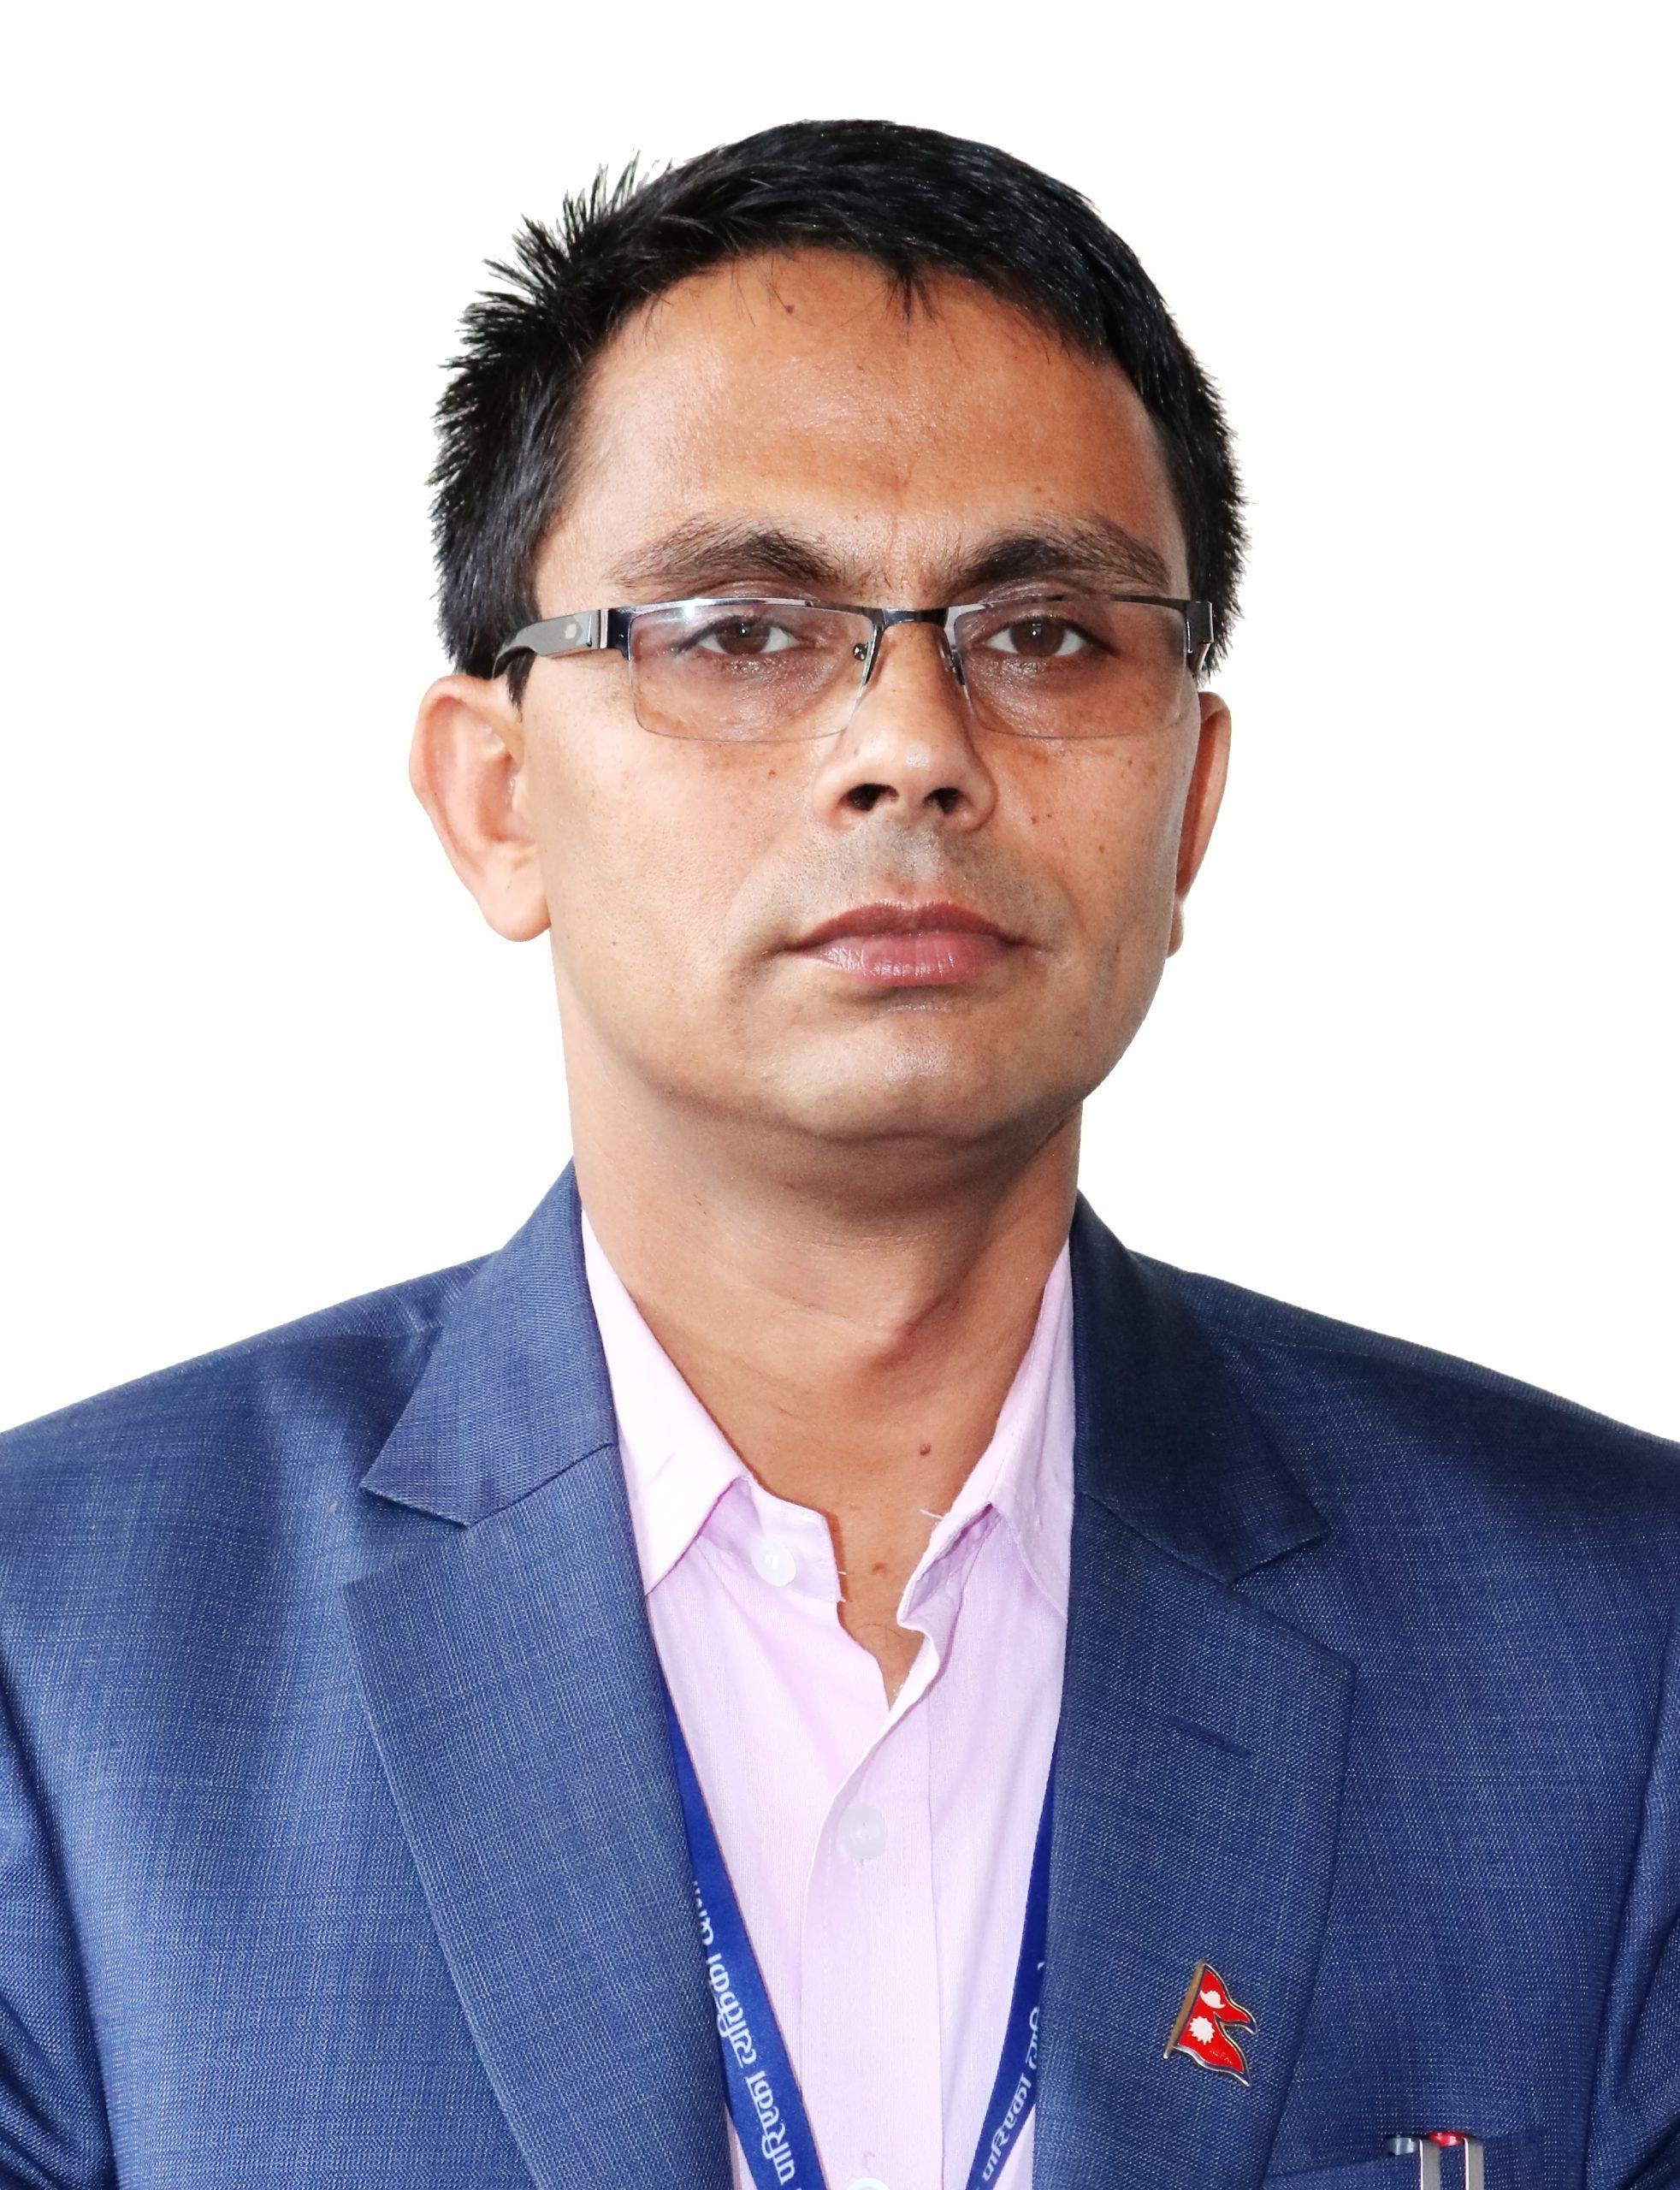 Dr. Gangadhar Adhikari